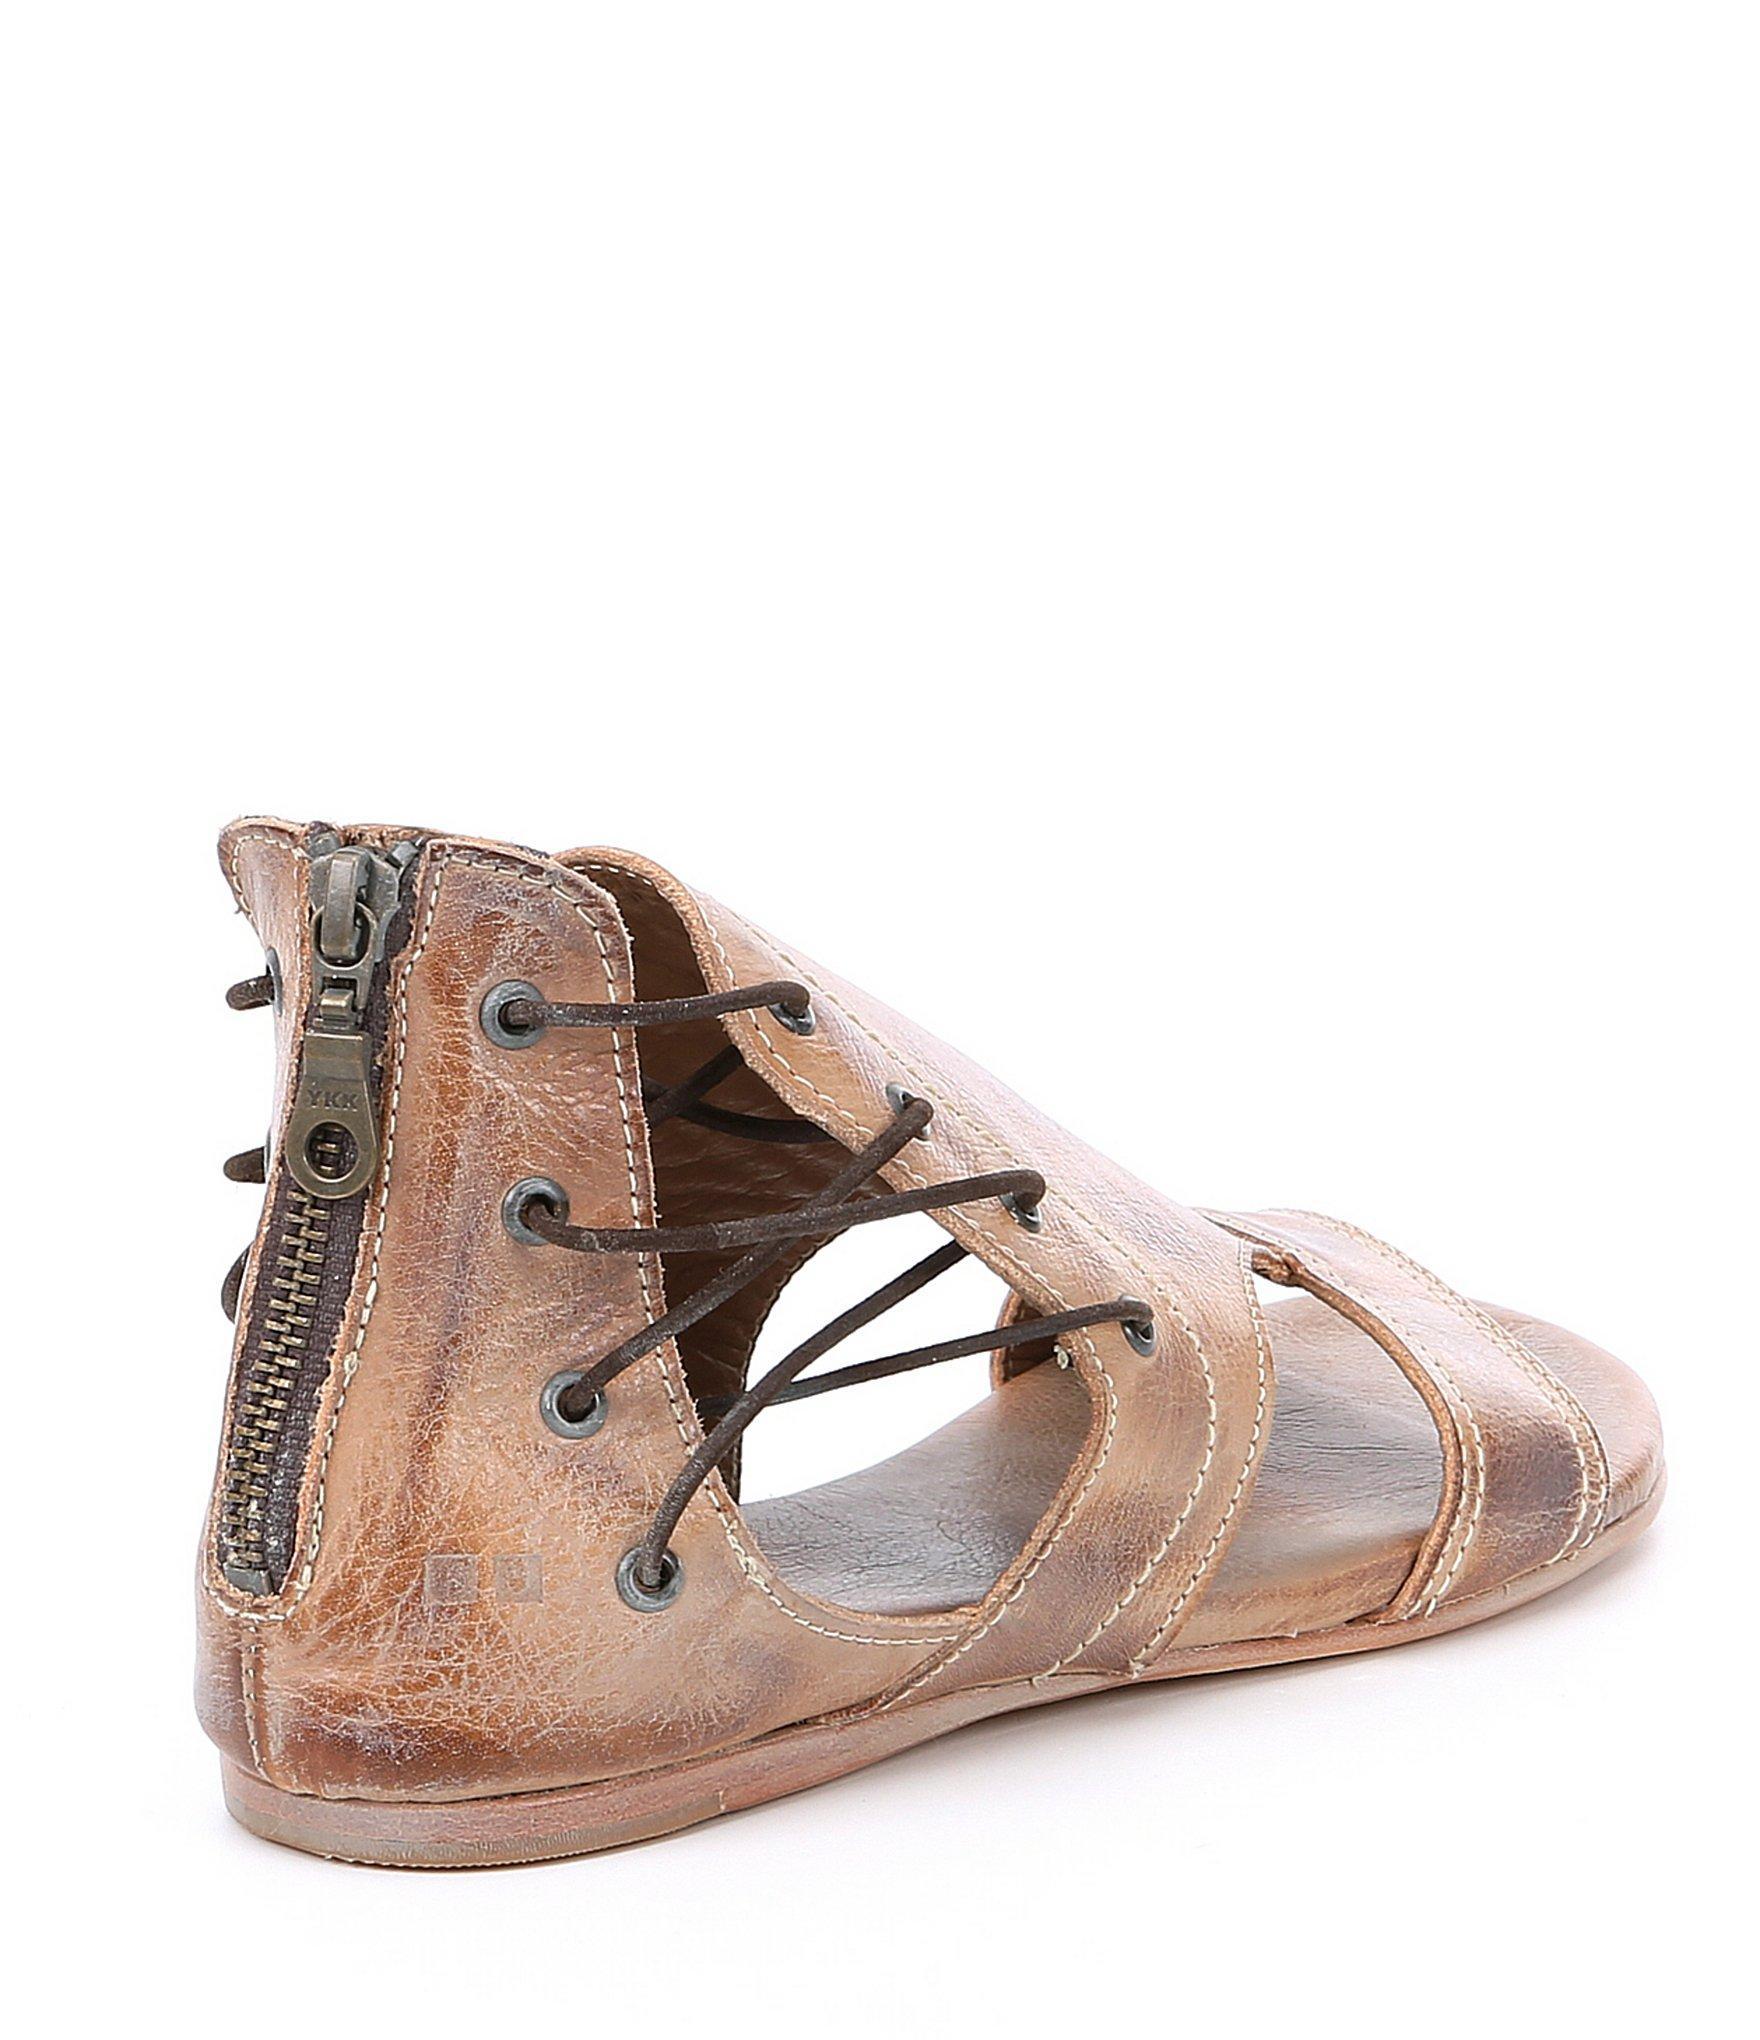 2b9141b2f30b Bed Stu - Brown Sarabi Leather Flat Sandals - Lyst. View fullscreen